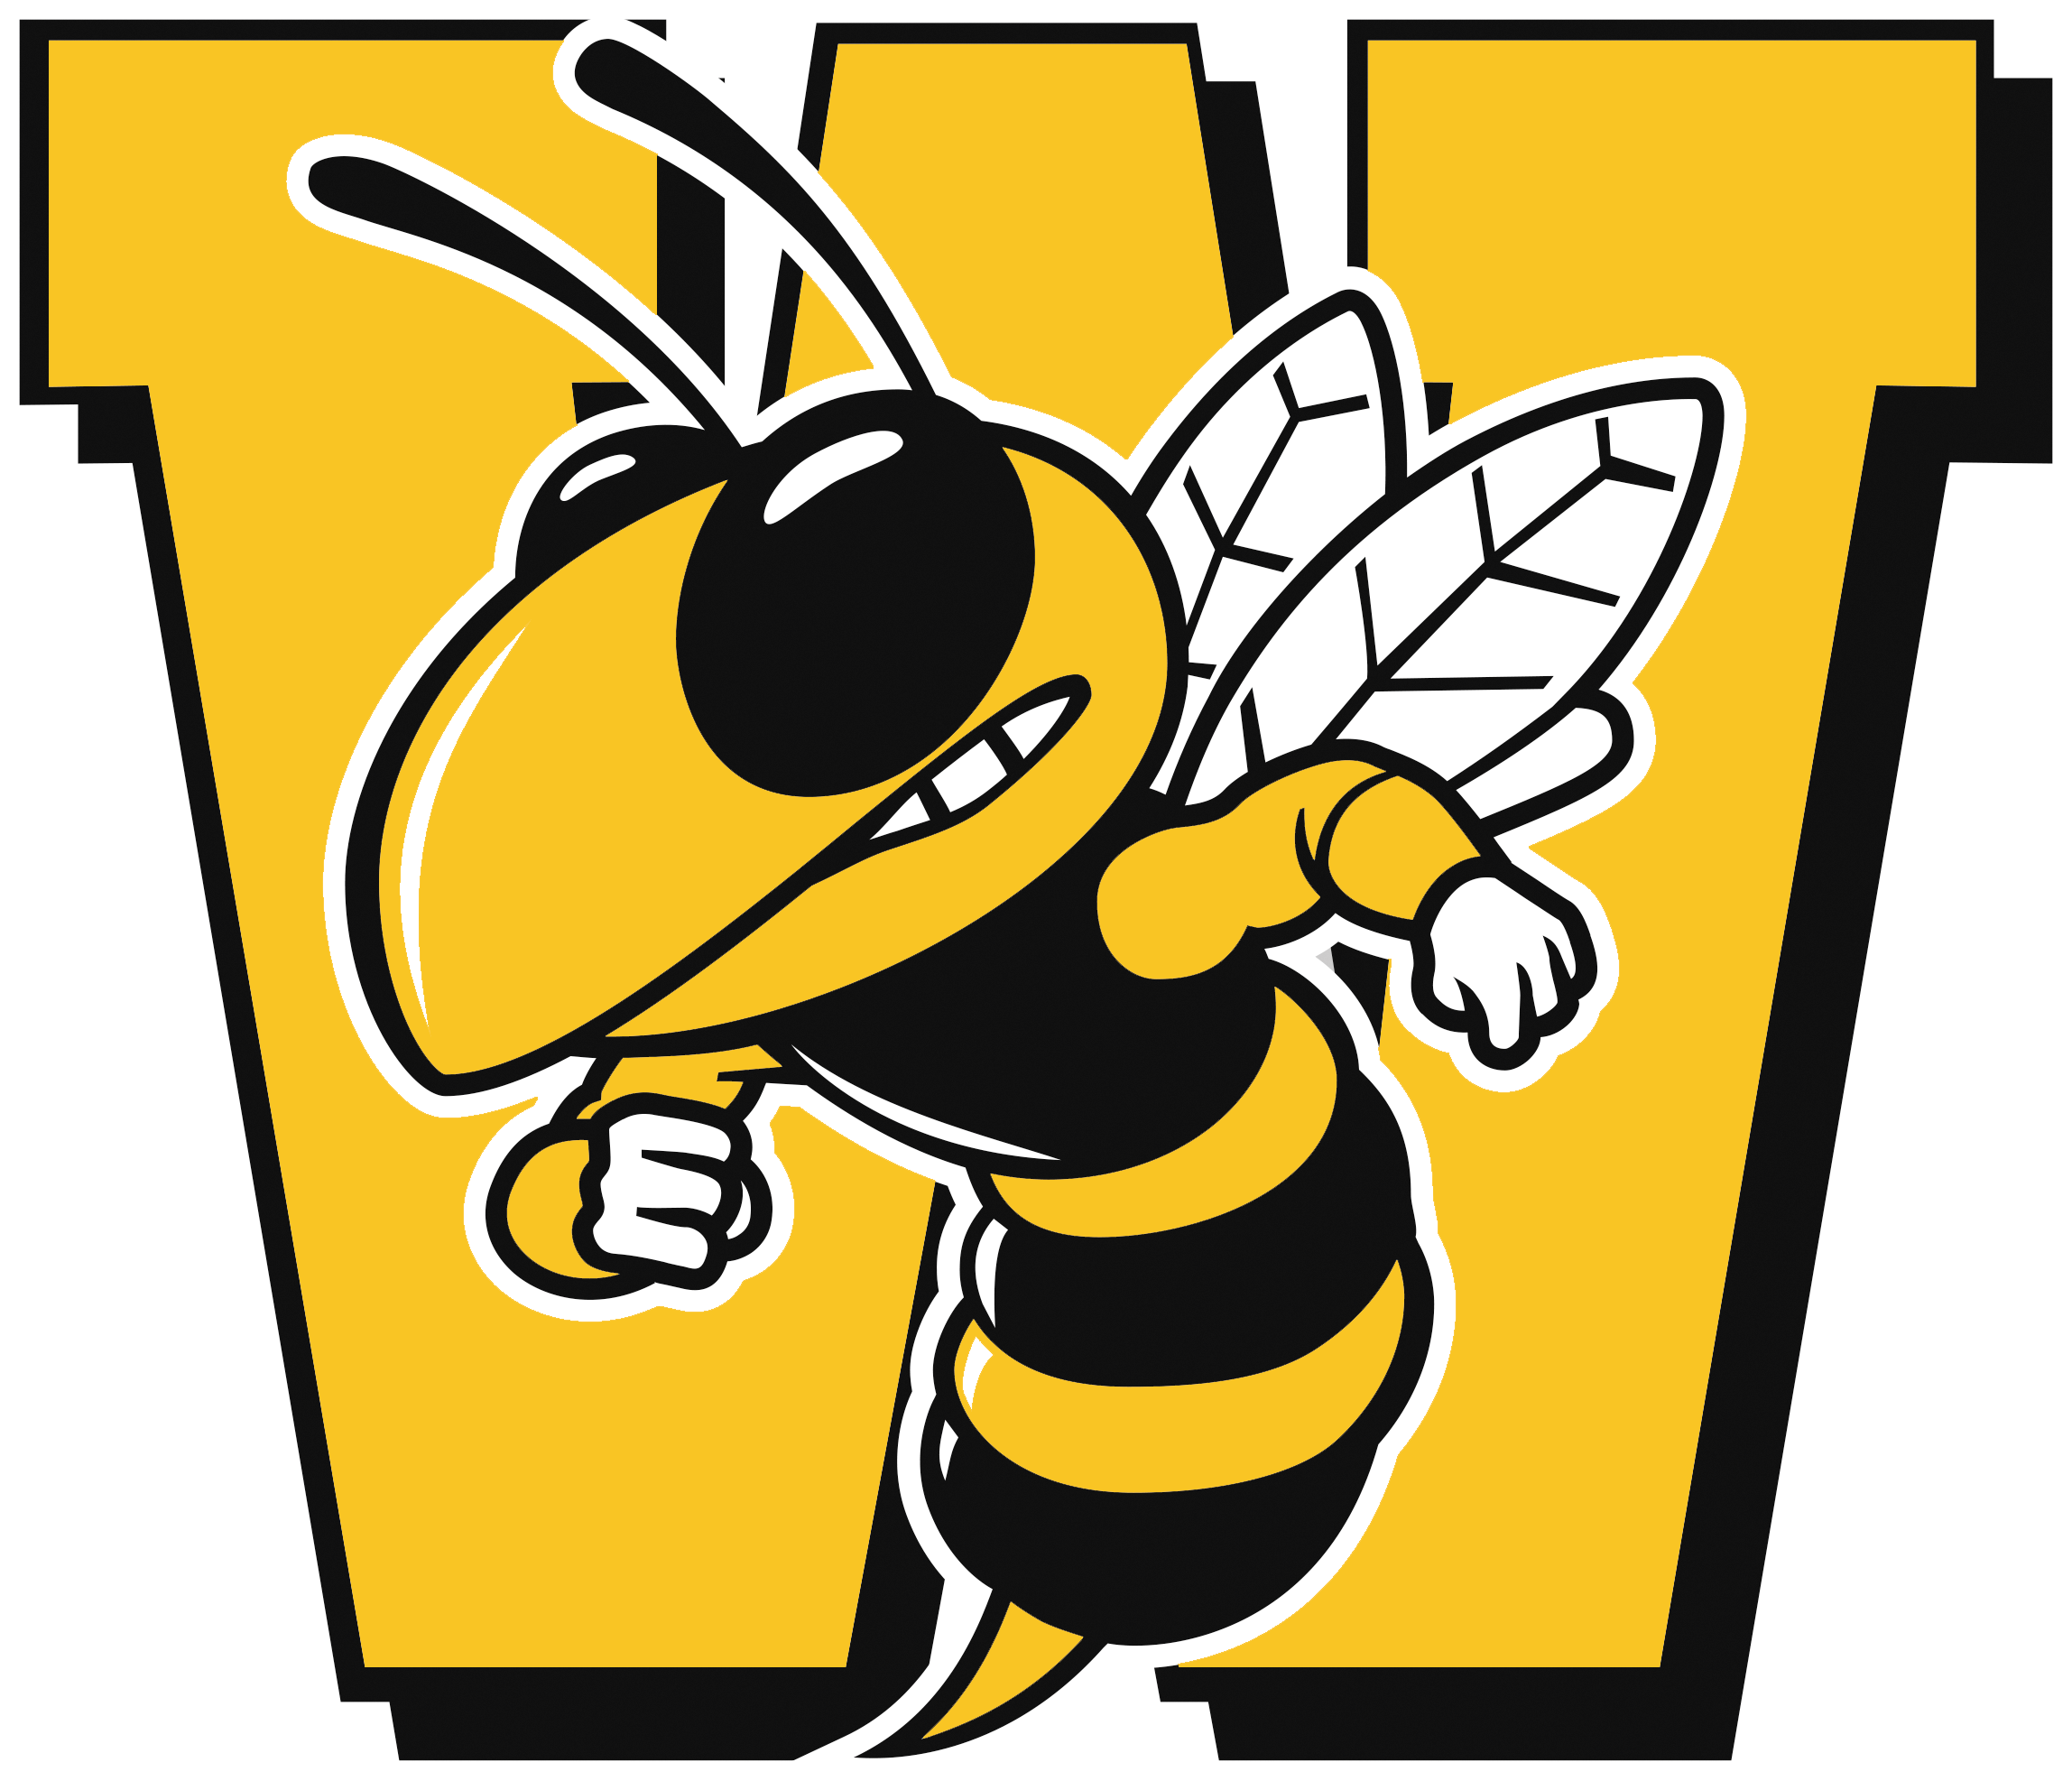 Wasatch Wasps  Club Captain: Alex Goates - 435-503-5472  Follow the Wasatch Spikeball Instagram  @wasatchspikeball